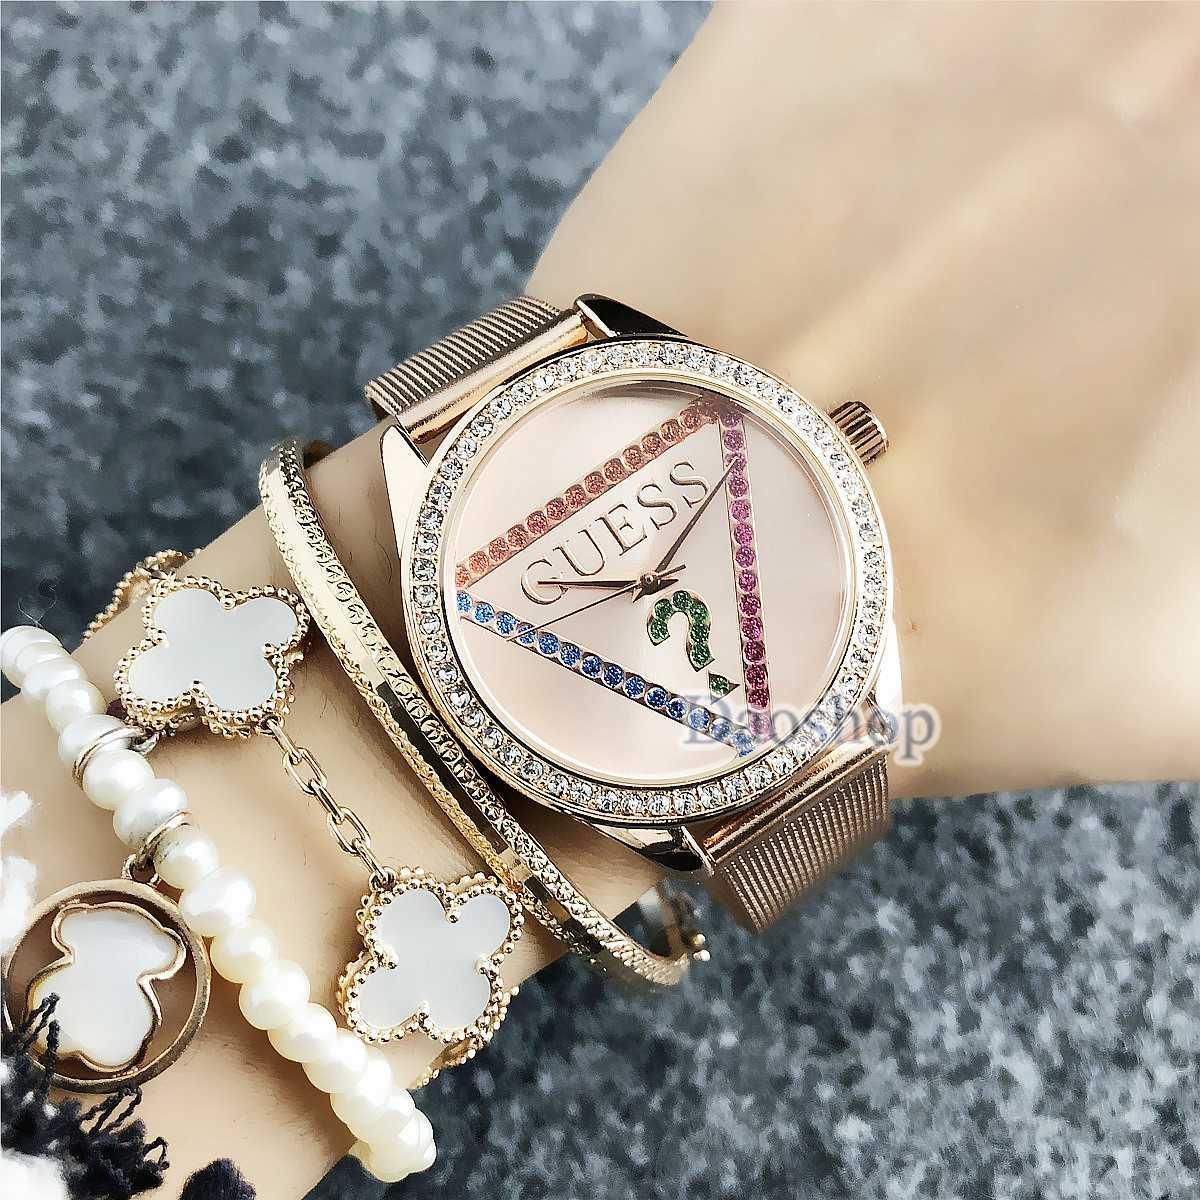 0acd14aec583 Compre Venta Caliente Mujeres De Lujo Vestido De Diamante Marca De Acero  Pulsera De Malla Banda Reloj De Pulsera Moda GU Casual Señoras Reloj De  Cuarzo ...